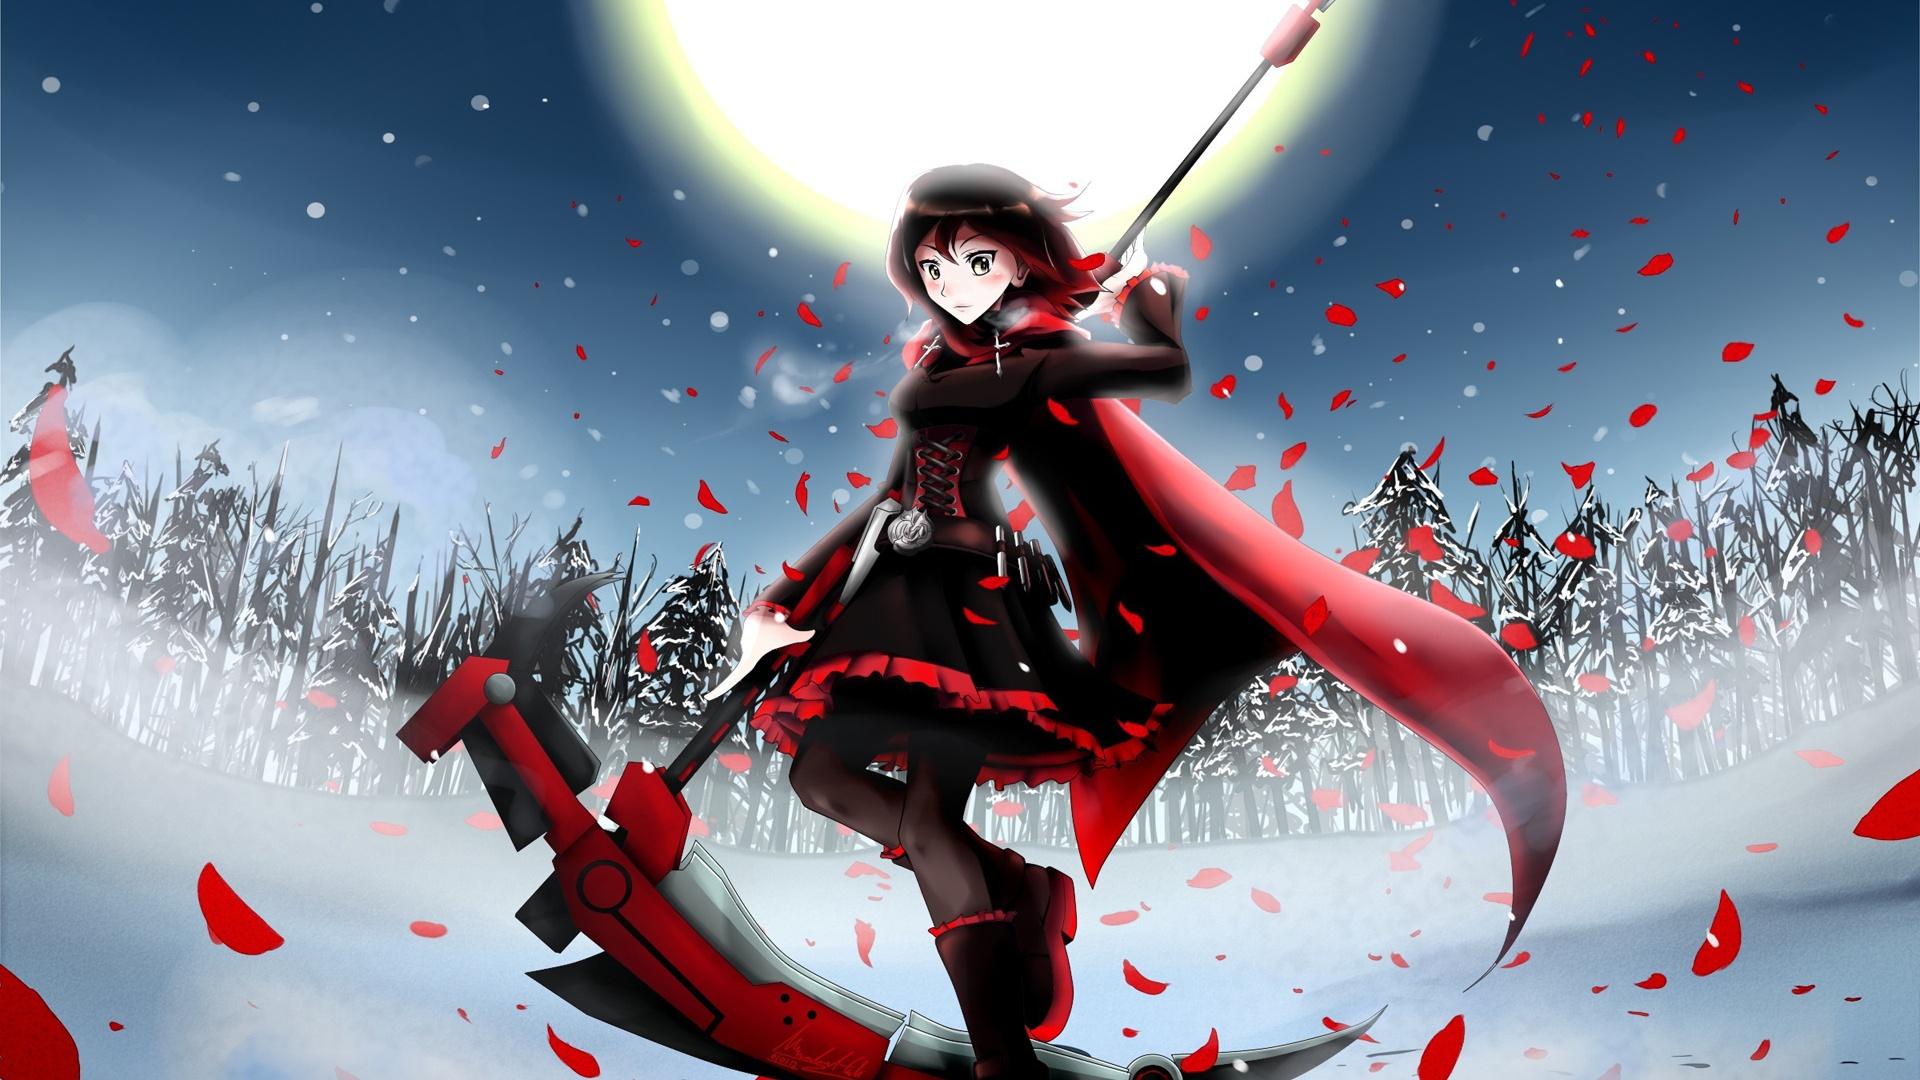 Fondos De Pantalla Anime Girl En La Noche De Invierno La